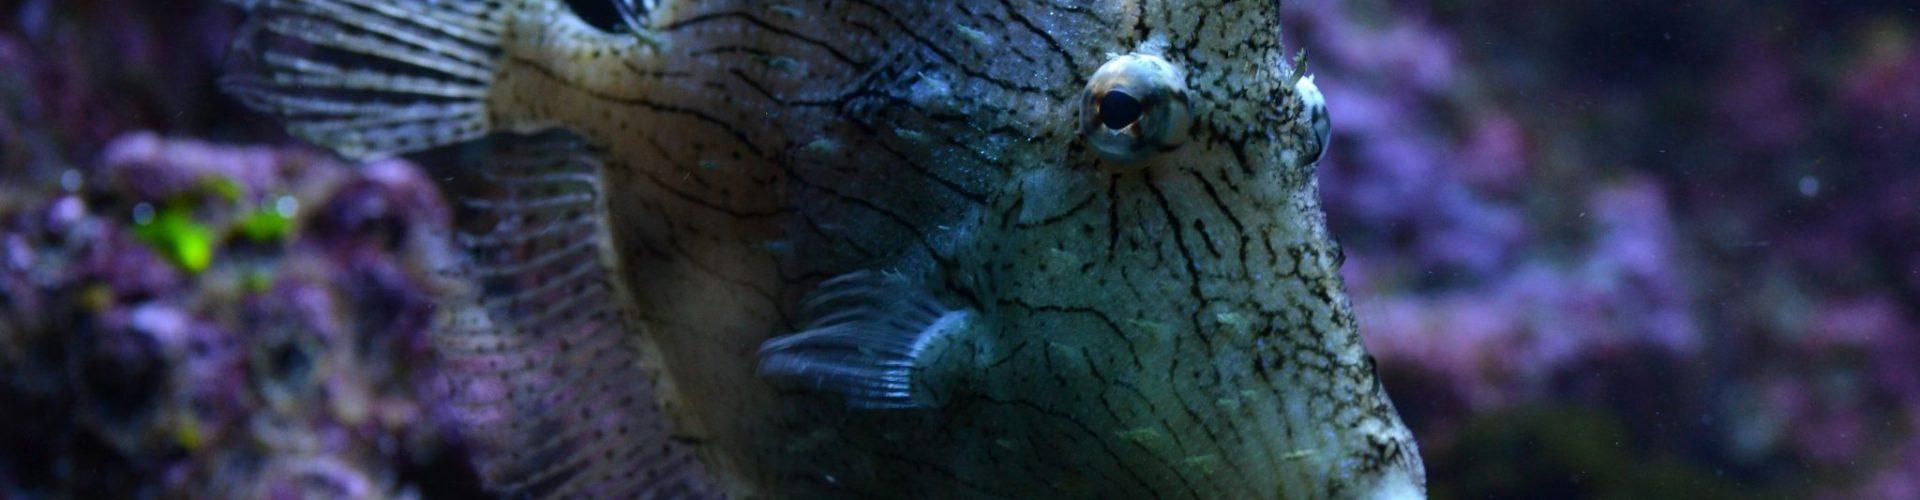 Jednorożek chwastniczek